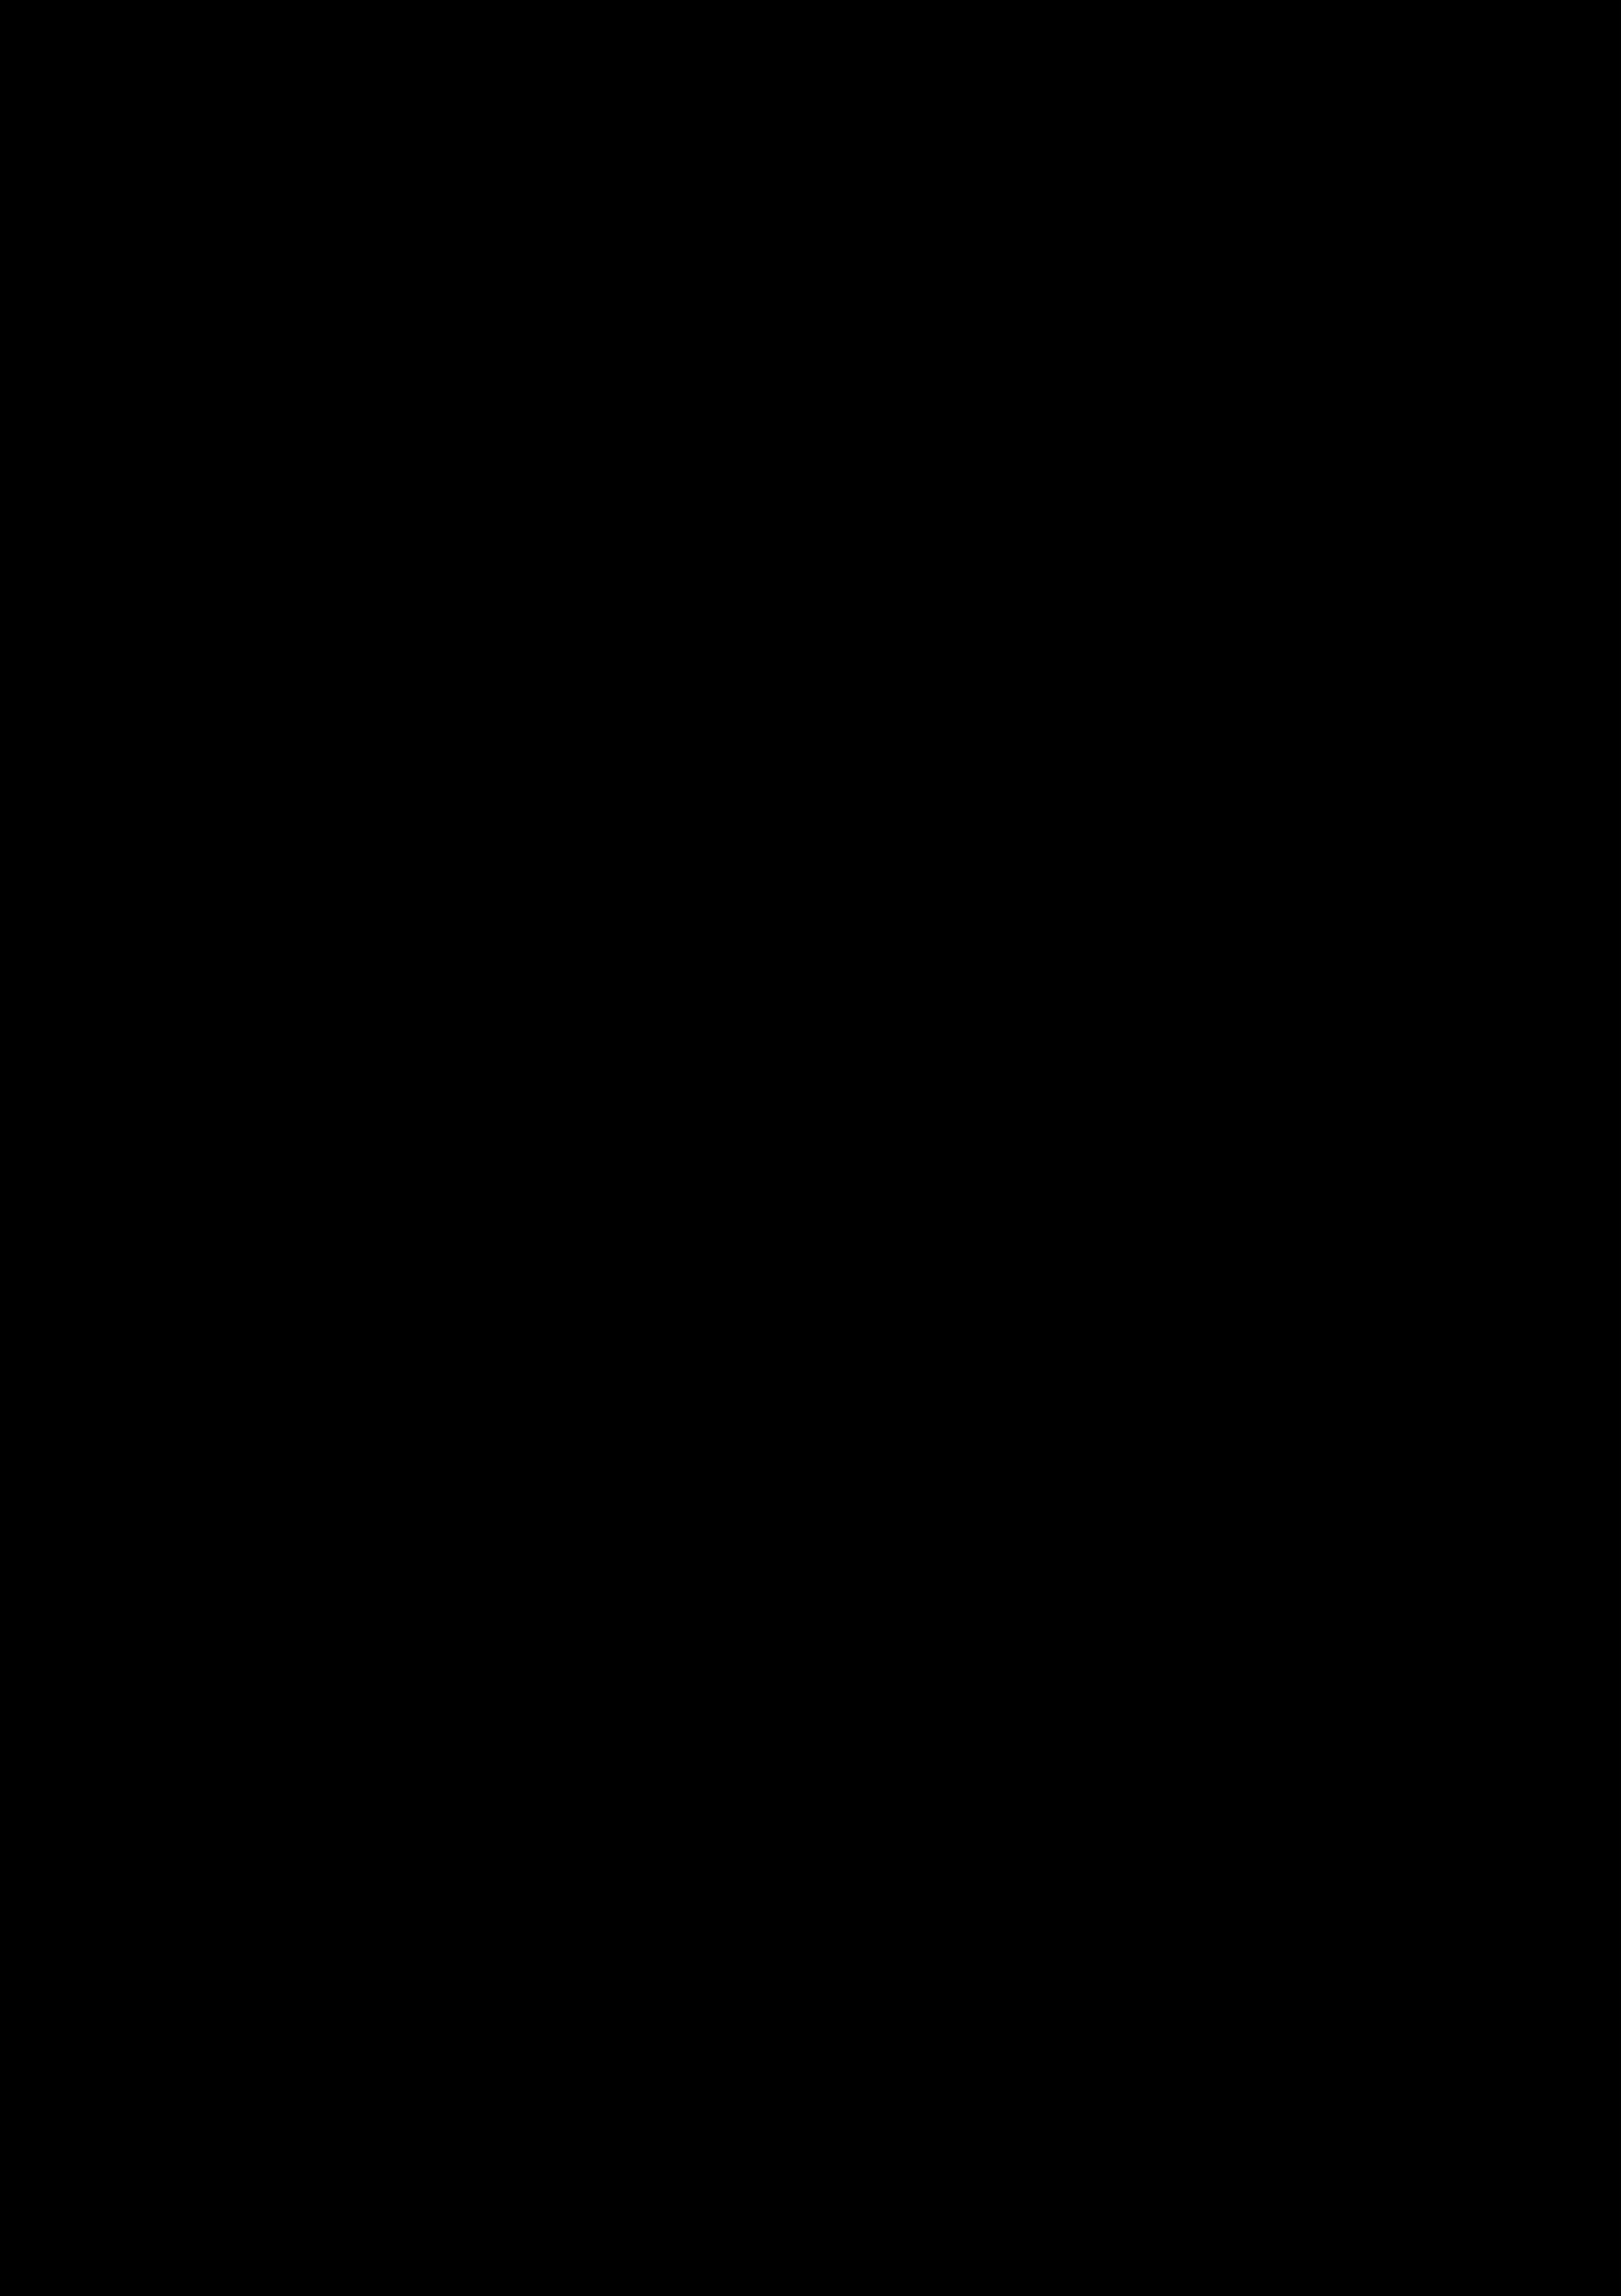 rg-242-various-german-world-war-ii-maps-6-western-europe-9-14-1939